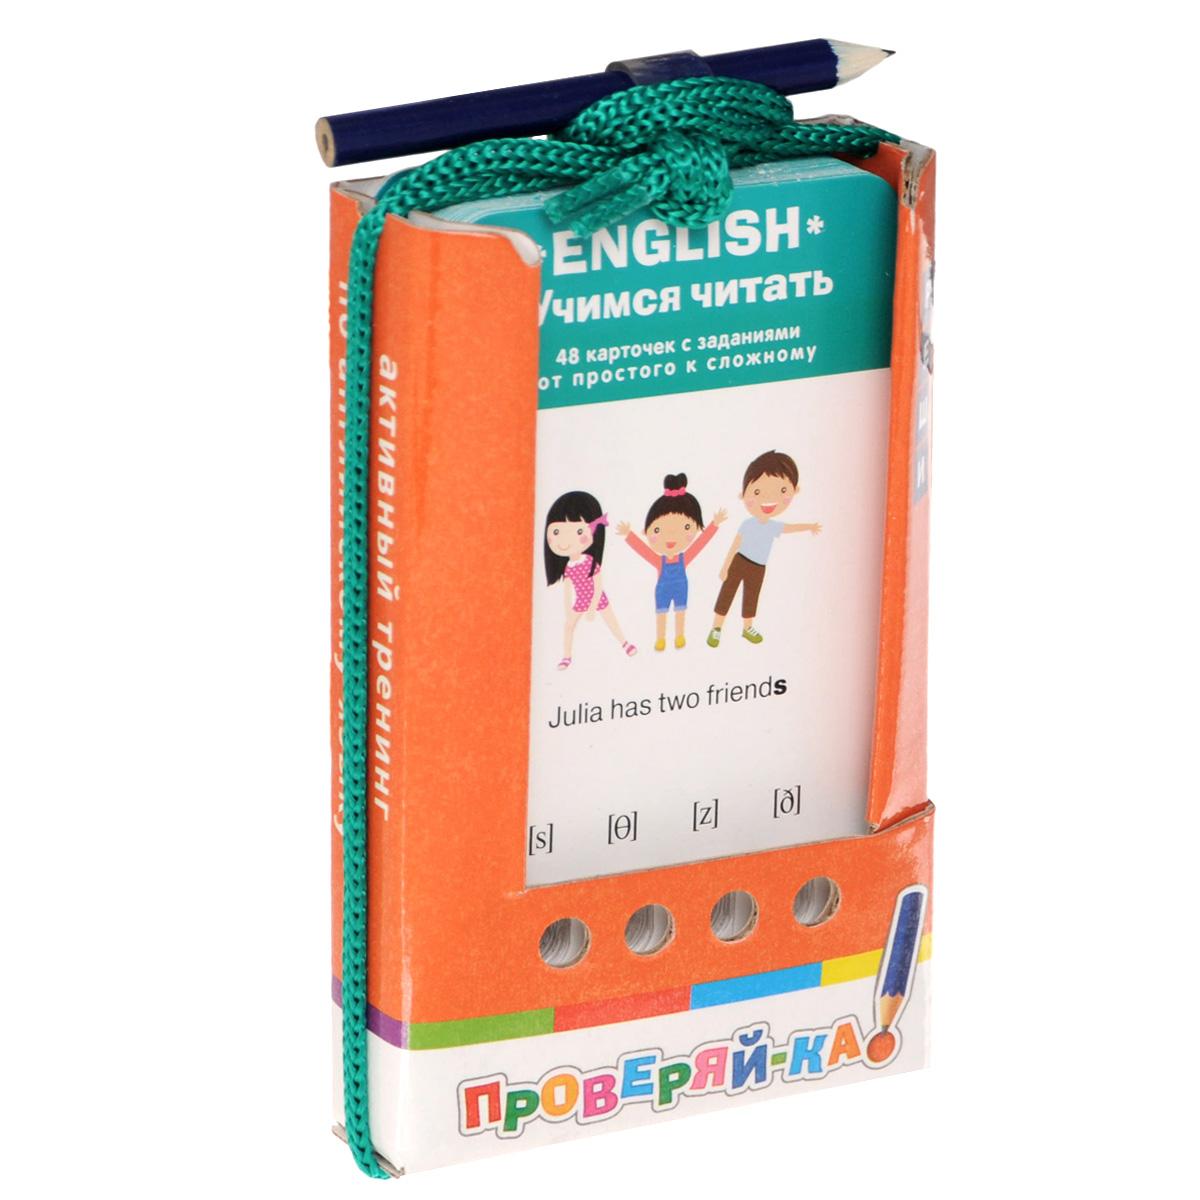 Айрис-пресс Обучающая игра English Учимся читать978-5-8112-5221-3Комплект состоит из 48 двухсторонних карточек и рассчитан на две разных игры с цветной и чёрно-белой сторонами. Задания предлагаемого комплекта ориентированы на отработку правильного чтения на английском языке. Условия игры с карточками подразумевают их многократное использование. Простота и удобство комплекта позволяют организовать игру в школе и дома, а также в транспорте или на природе. Благодаря игровой форме пособия учебный материал усваивается легче и без принуждения, реализуется безопасное для здоровья ребёнка обучение.